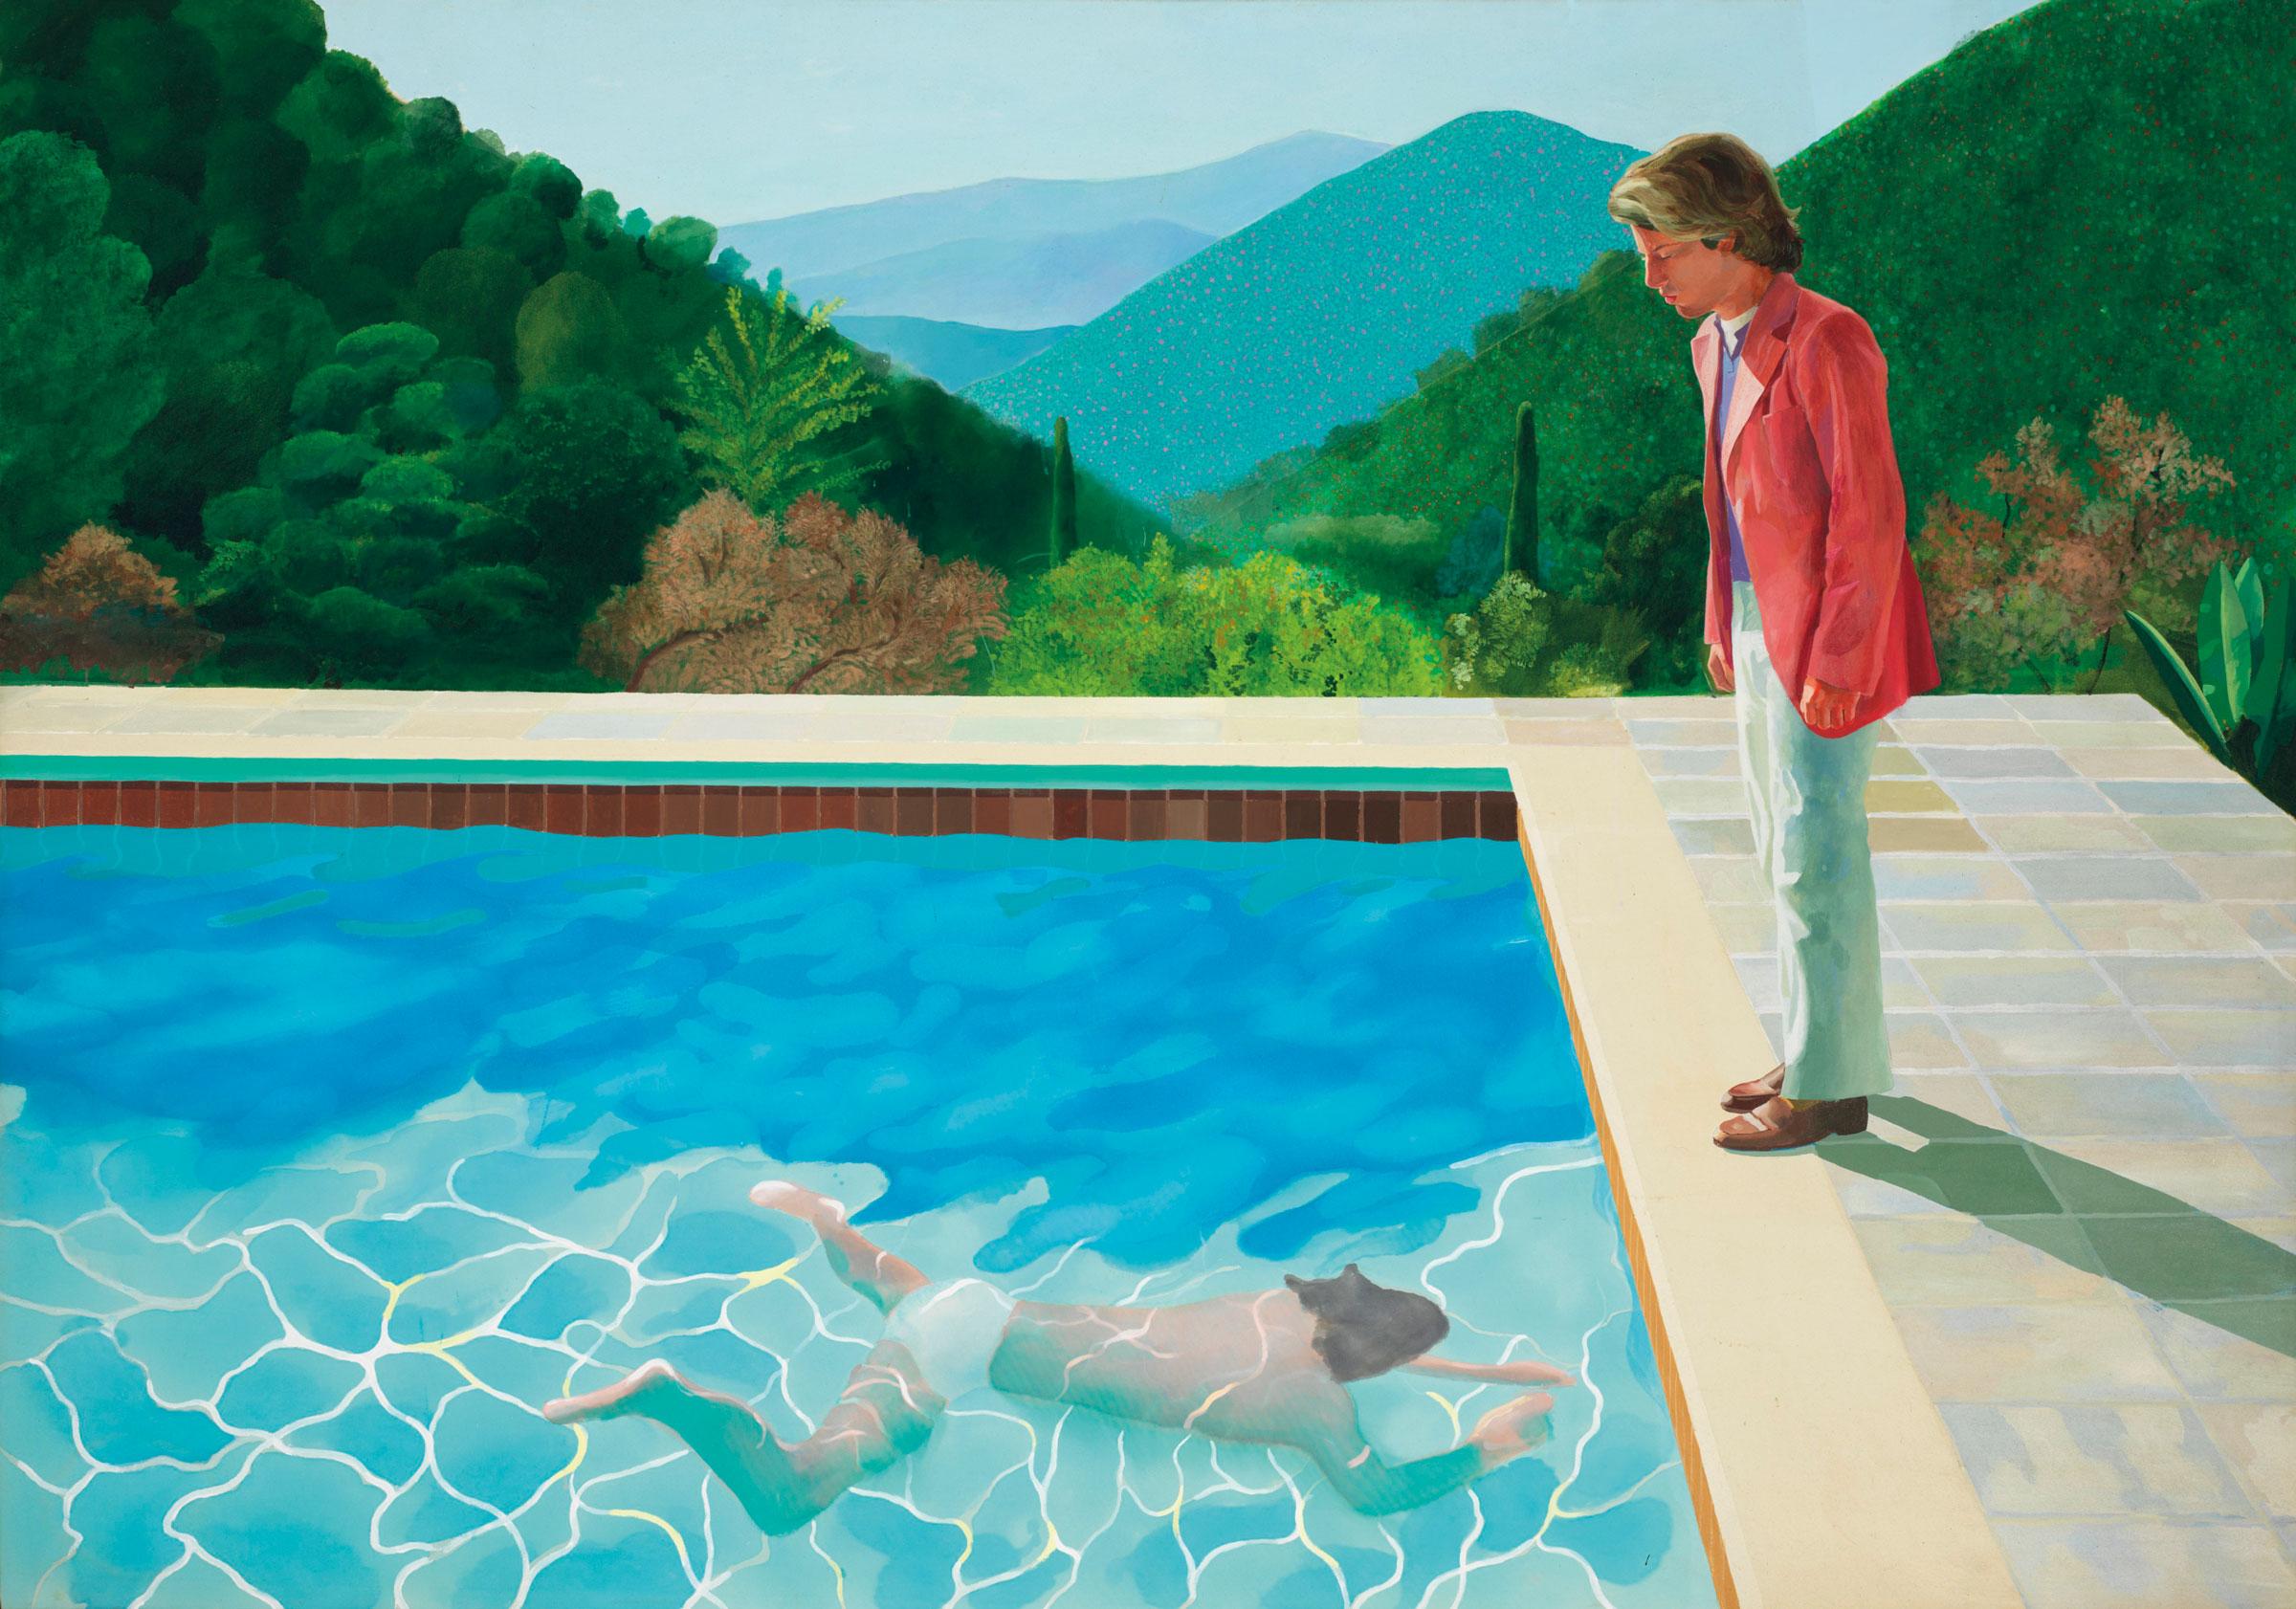 大衛·霍克尼《藝術家肖像(泳池與兩個人像)》